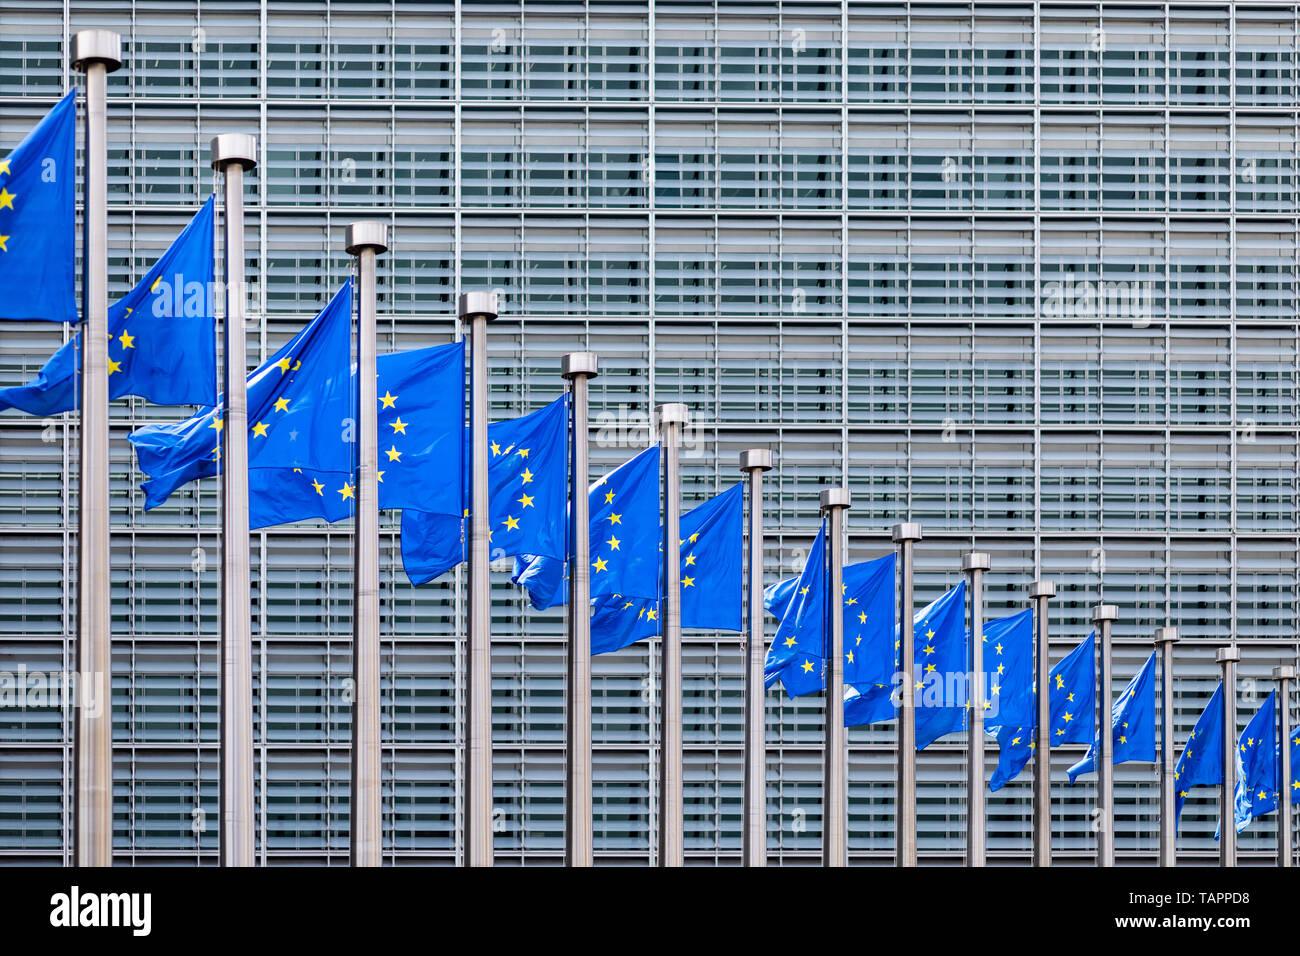 26 mai 2019, Belgique, Bruxelles: les drapeaux européens flottent dans le vent en face de l'immeuble Berlaymont, siège de la Commission européenne. Du 23 mai au 26 mai, les citoyens de 28 États de l'Union européenne éliront un nouveau parlement. Photo: Marcel Kusch/dpa Banque D'Images